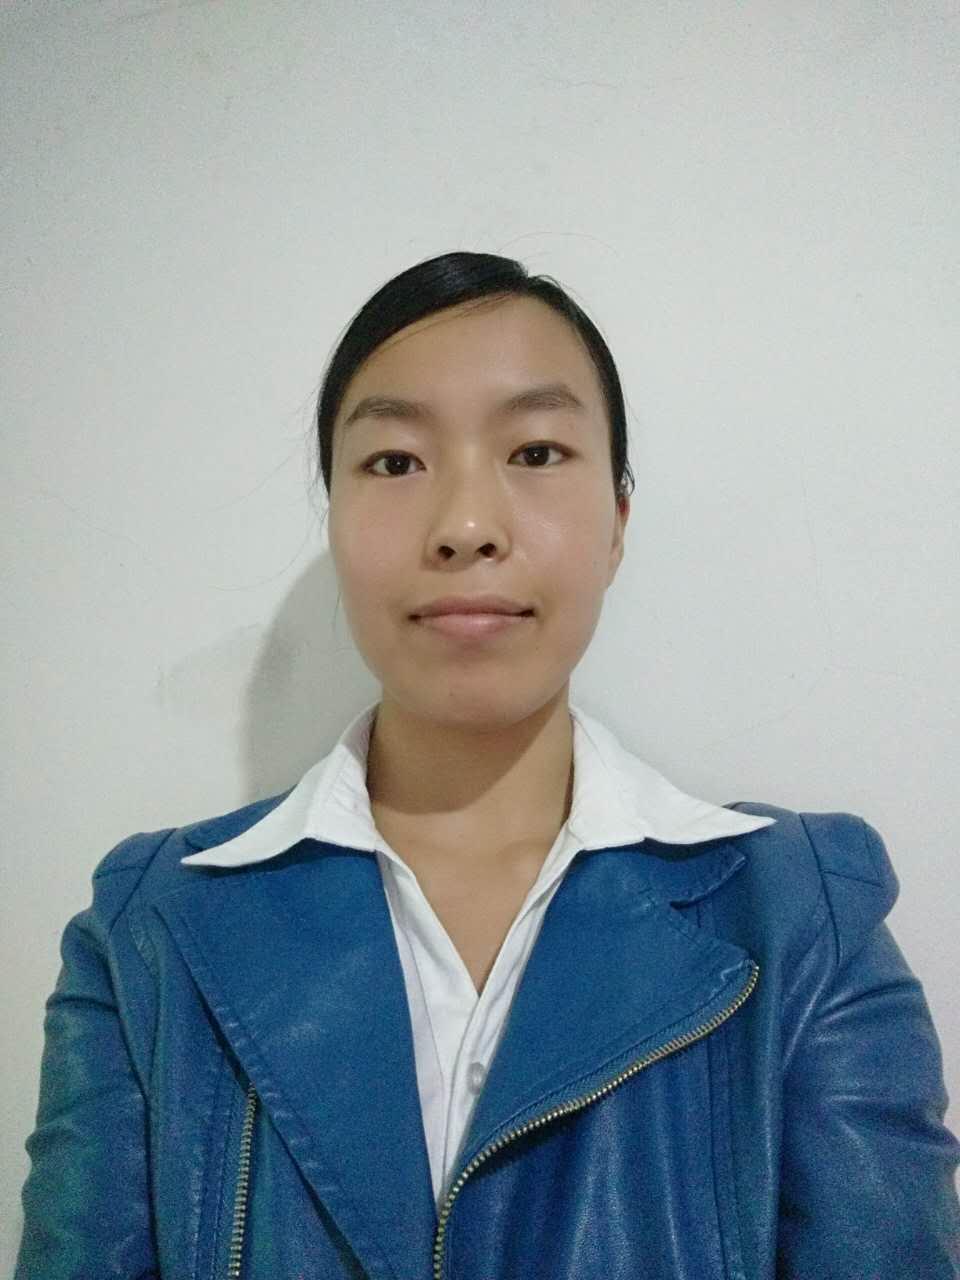 浙江杭州上城中国人寿代理人李海霞的个人名片